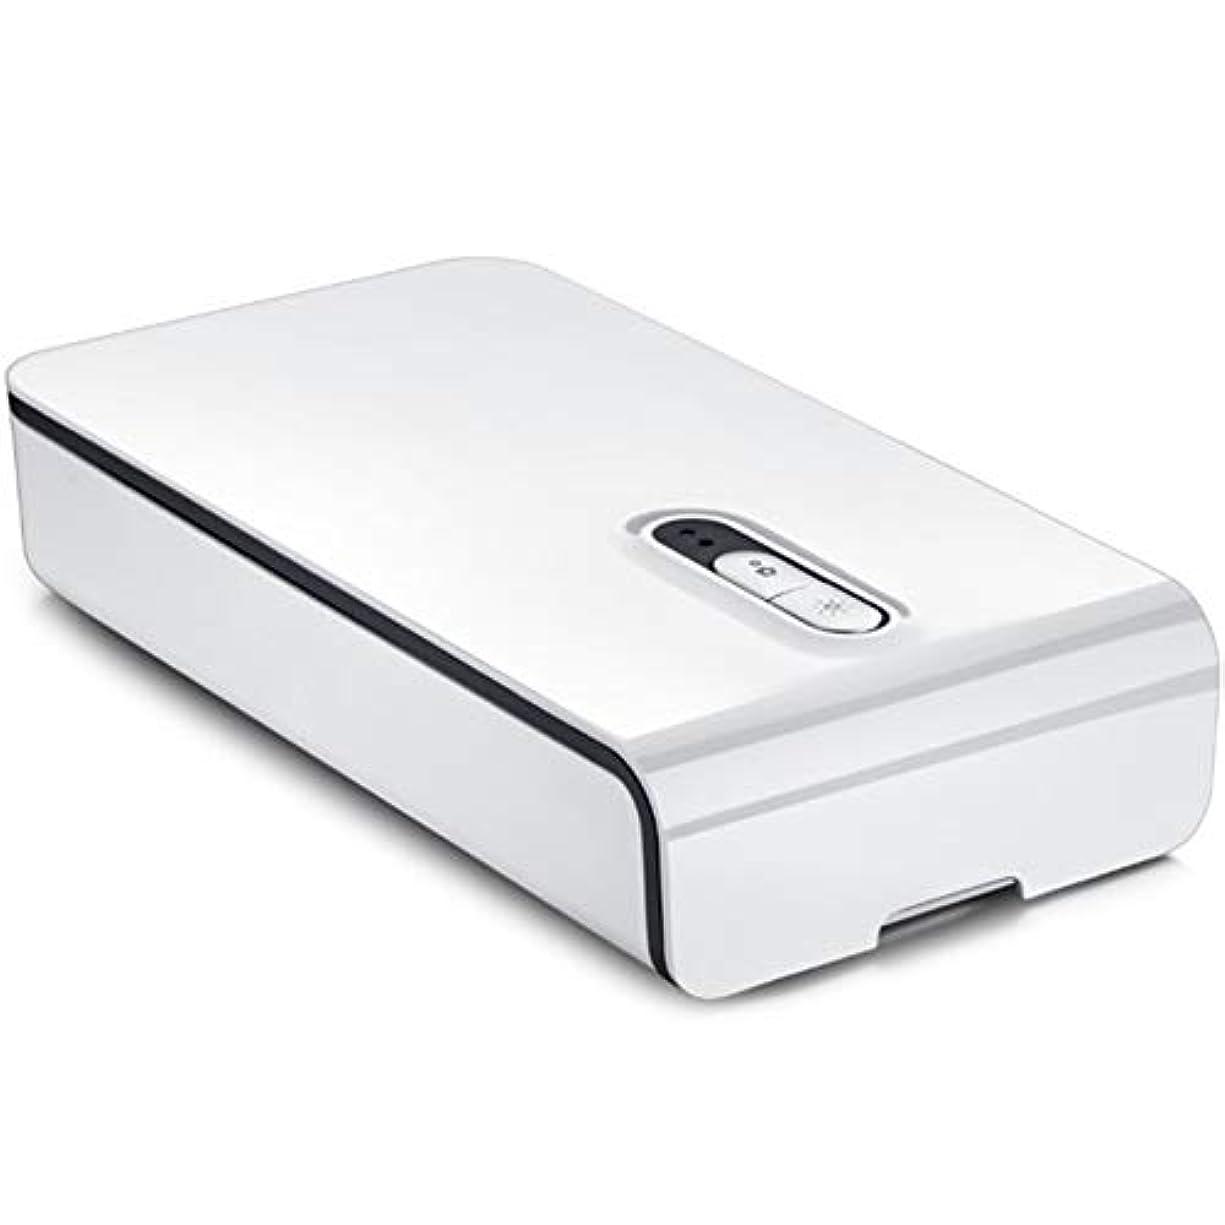 ずんぐりしたふける必要UV滅菌器を充電する携帯電話と下着のための多機能アロマUV消毒単層,白